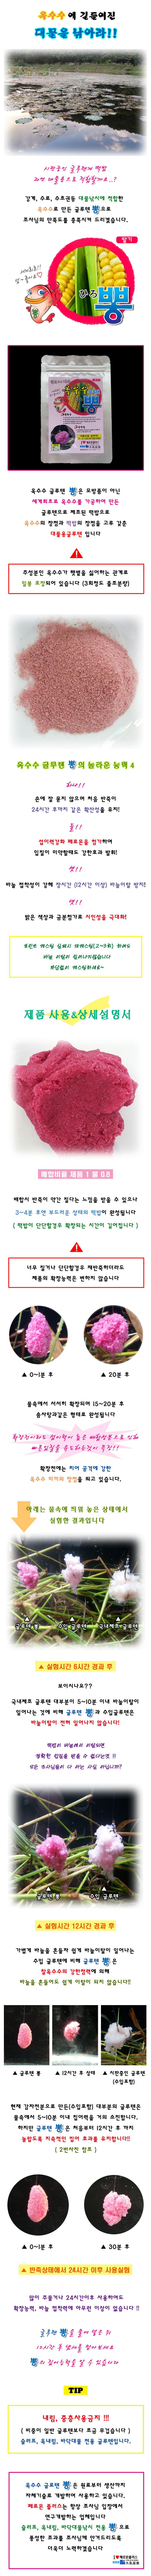 수풍 옥수수글루텐 뽕 국산글루텐 붕어낚시미끼 민물낚시미끼 떡밥